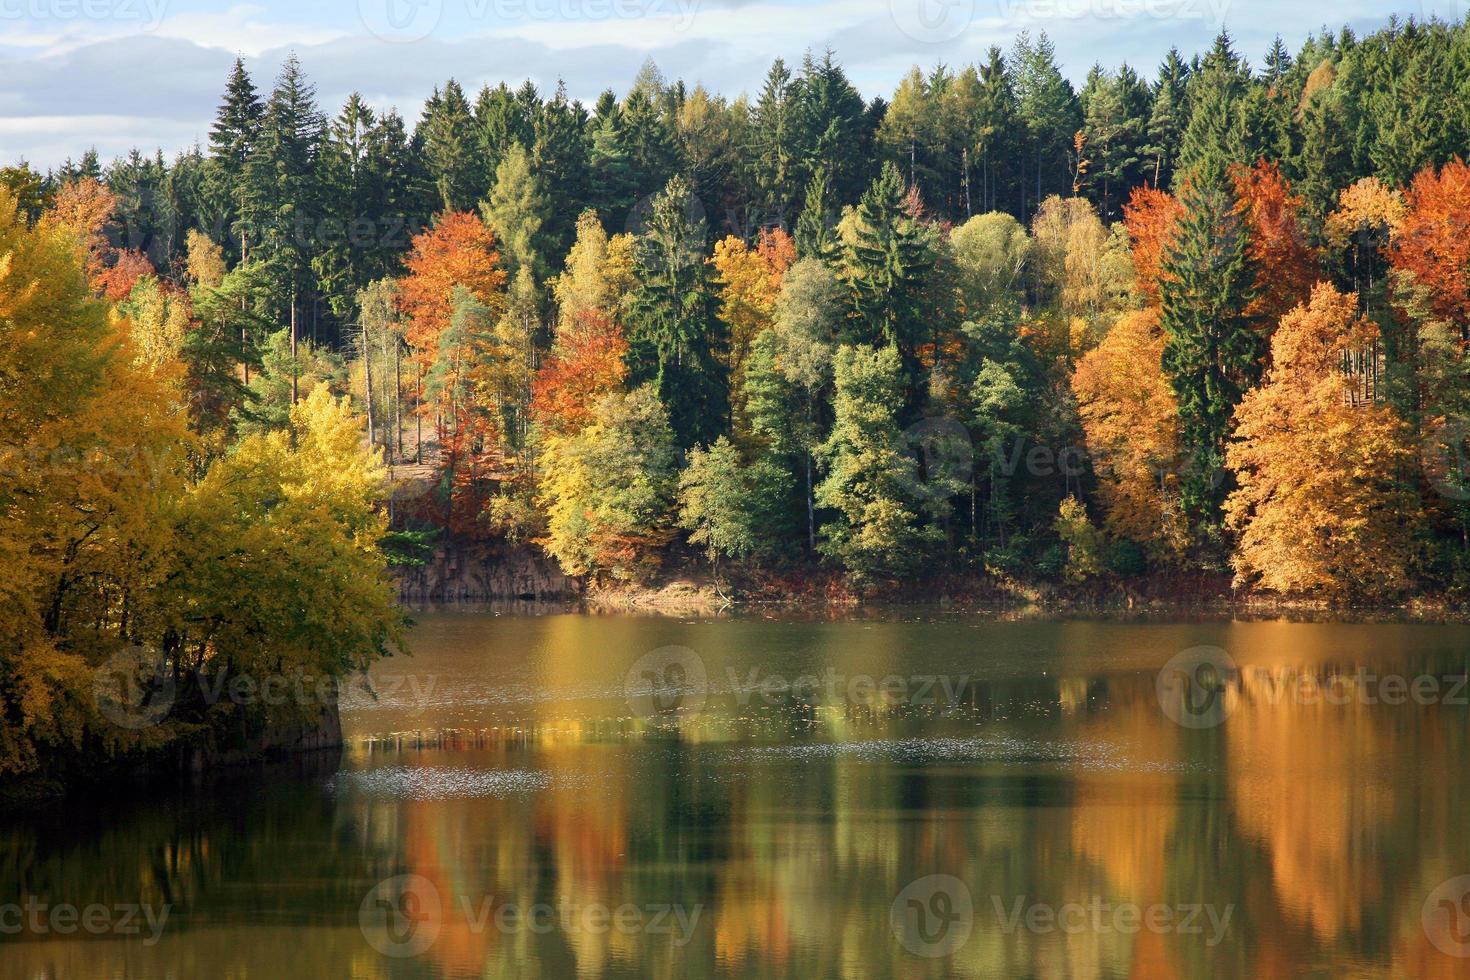 forêt de hêtres dans le manteau d'automne. photo